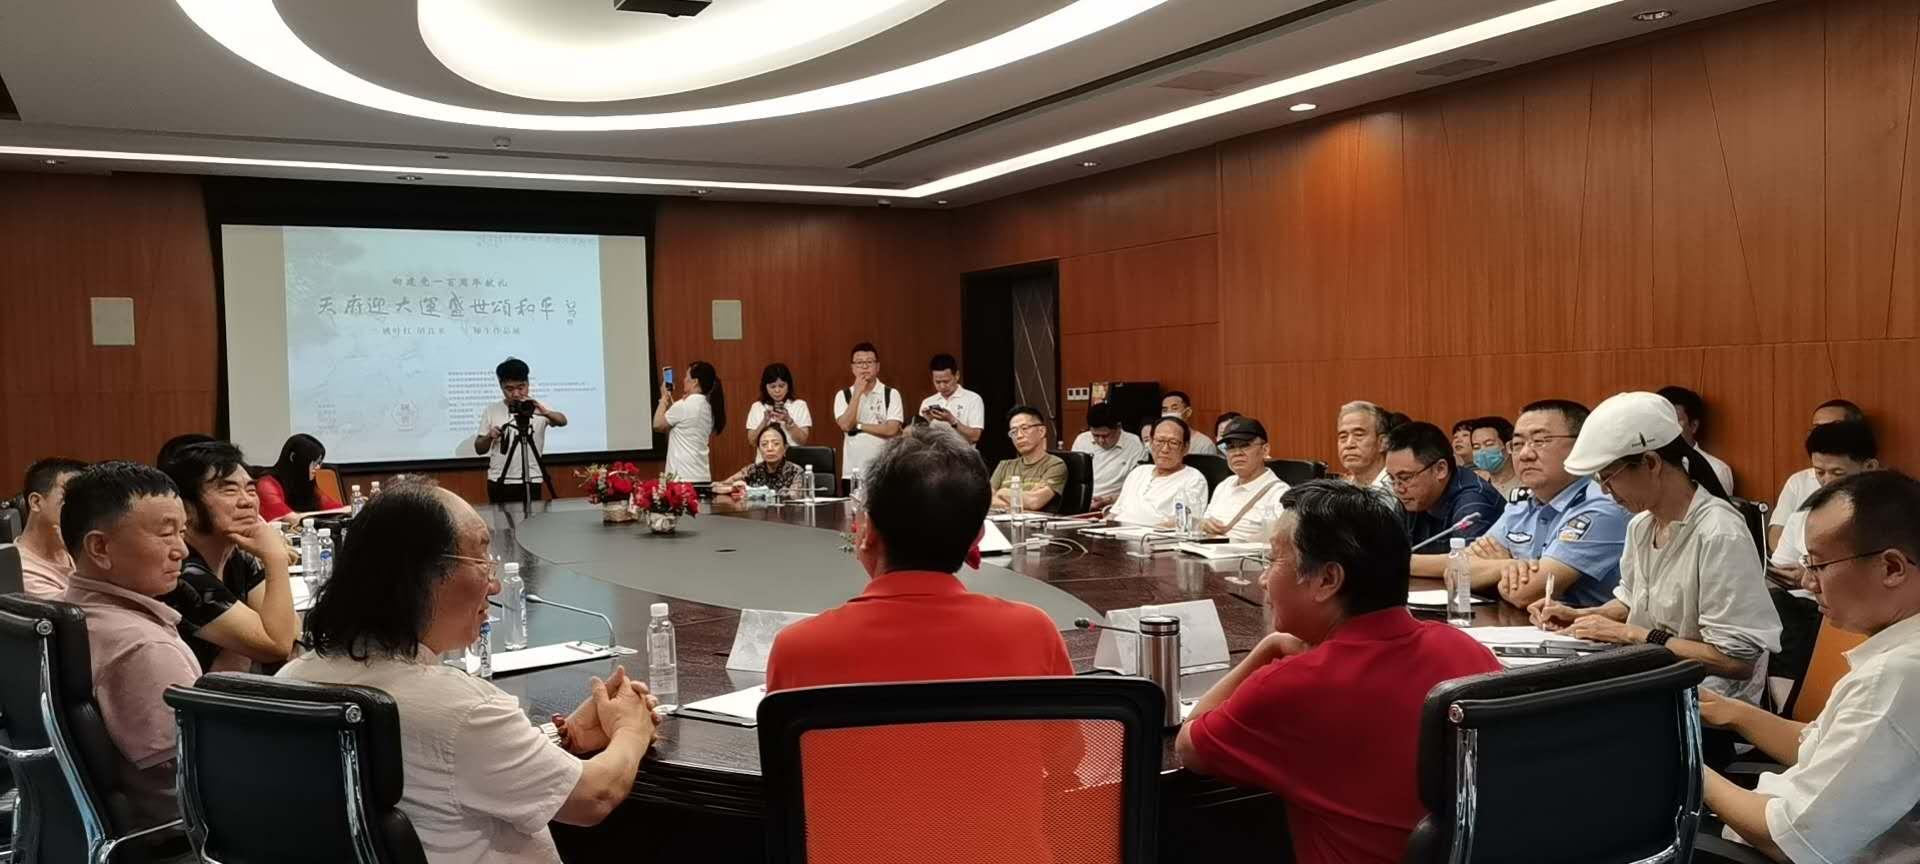 著名画家姚叶红胡真来及门生作品展学术研讨会在蓉召开